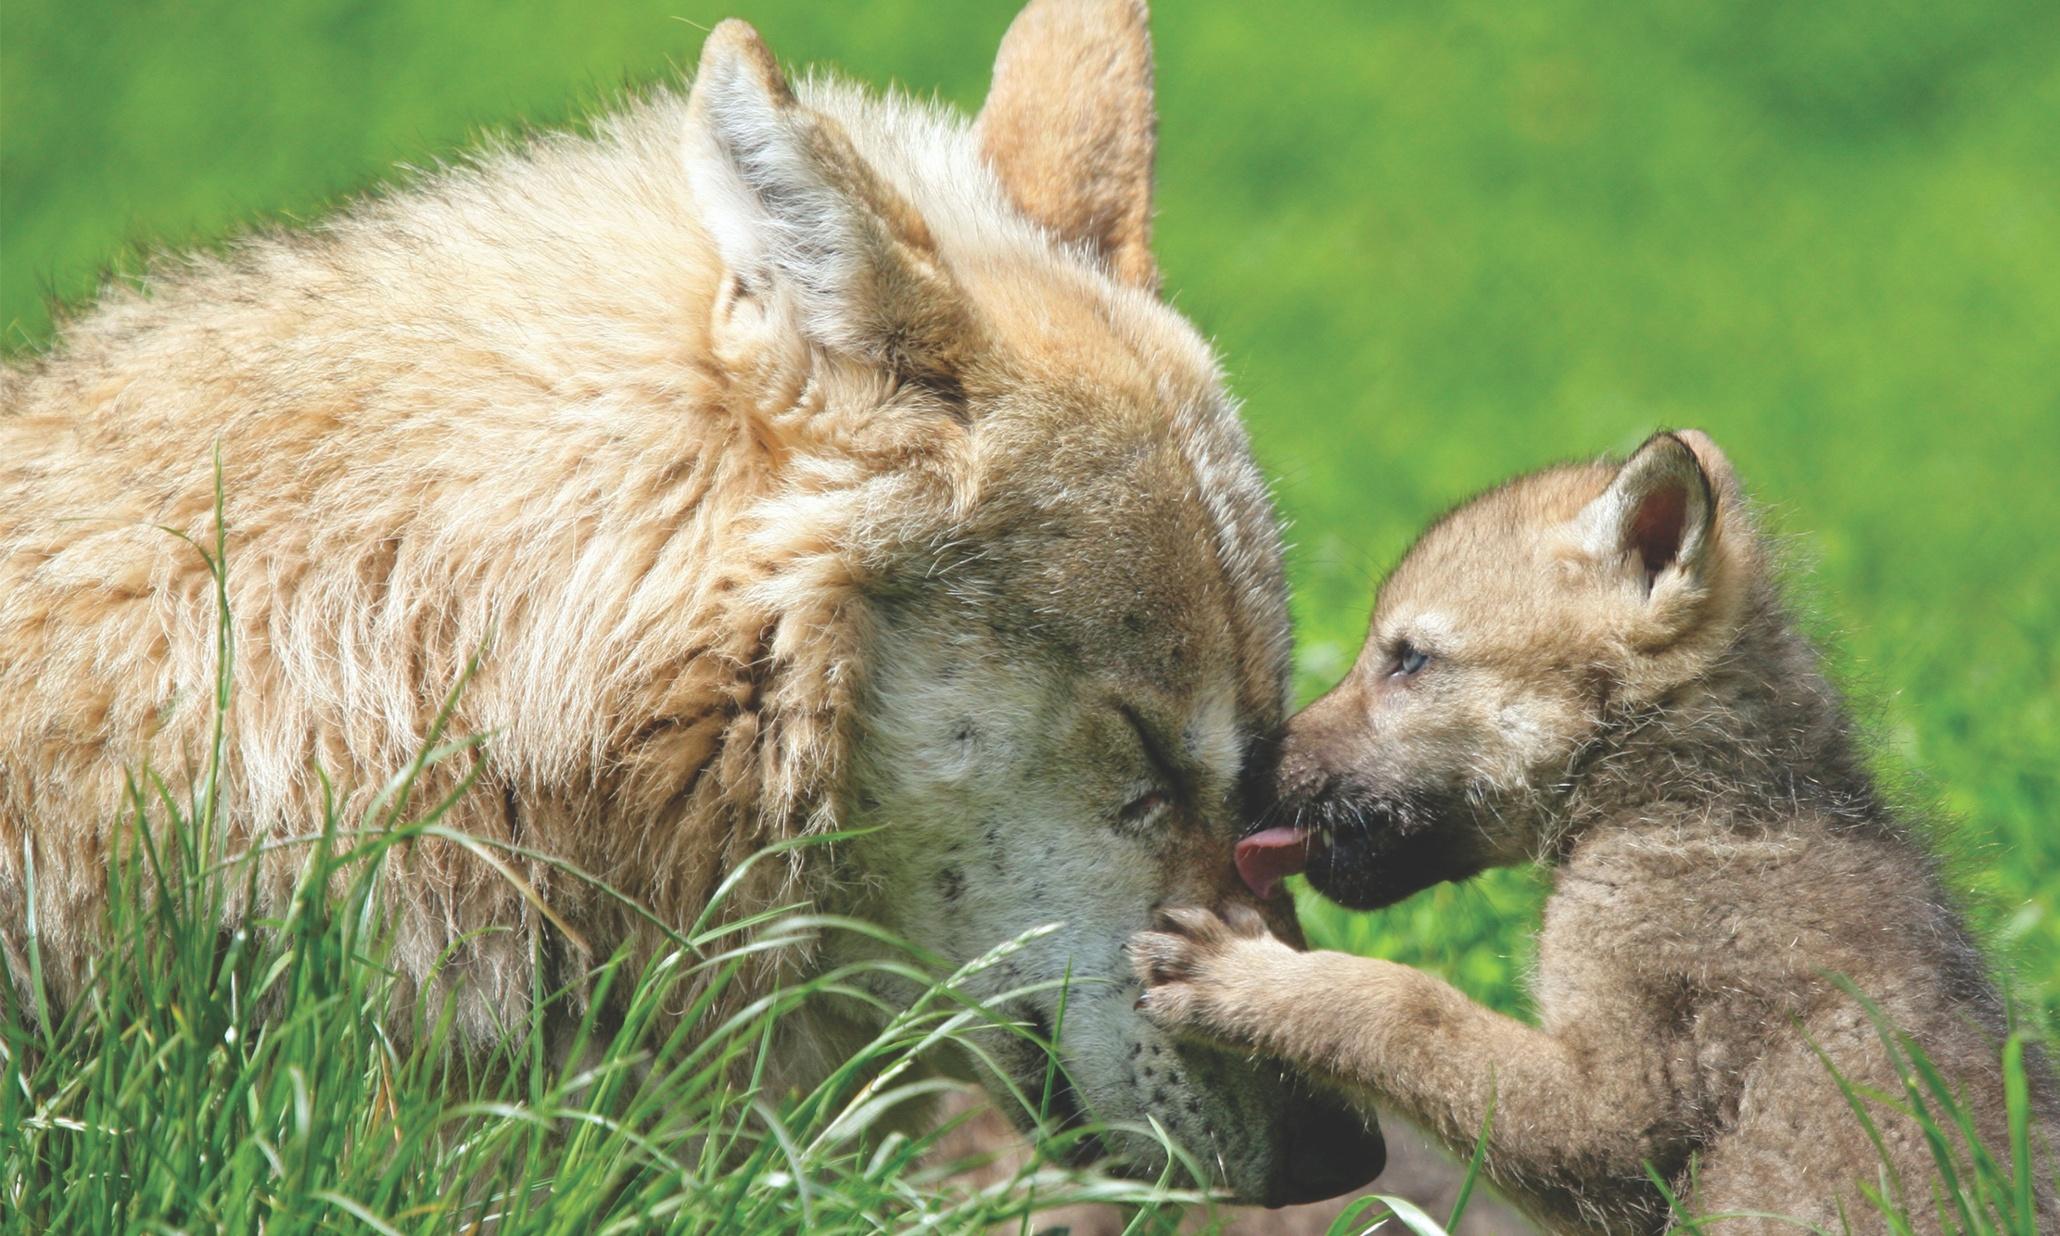 mum kids animals - photo #1